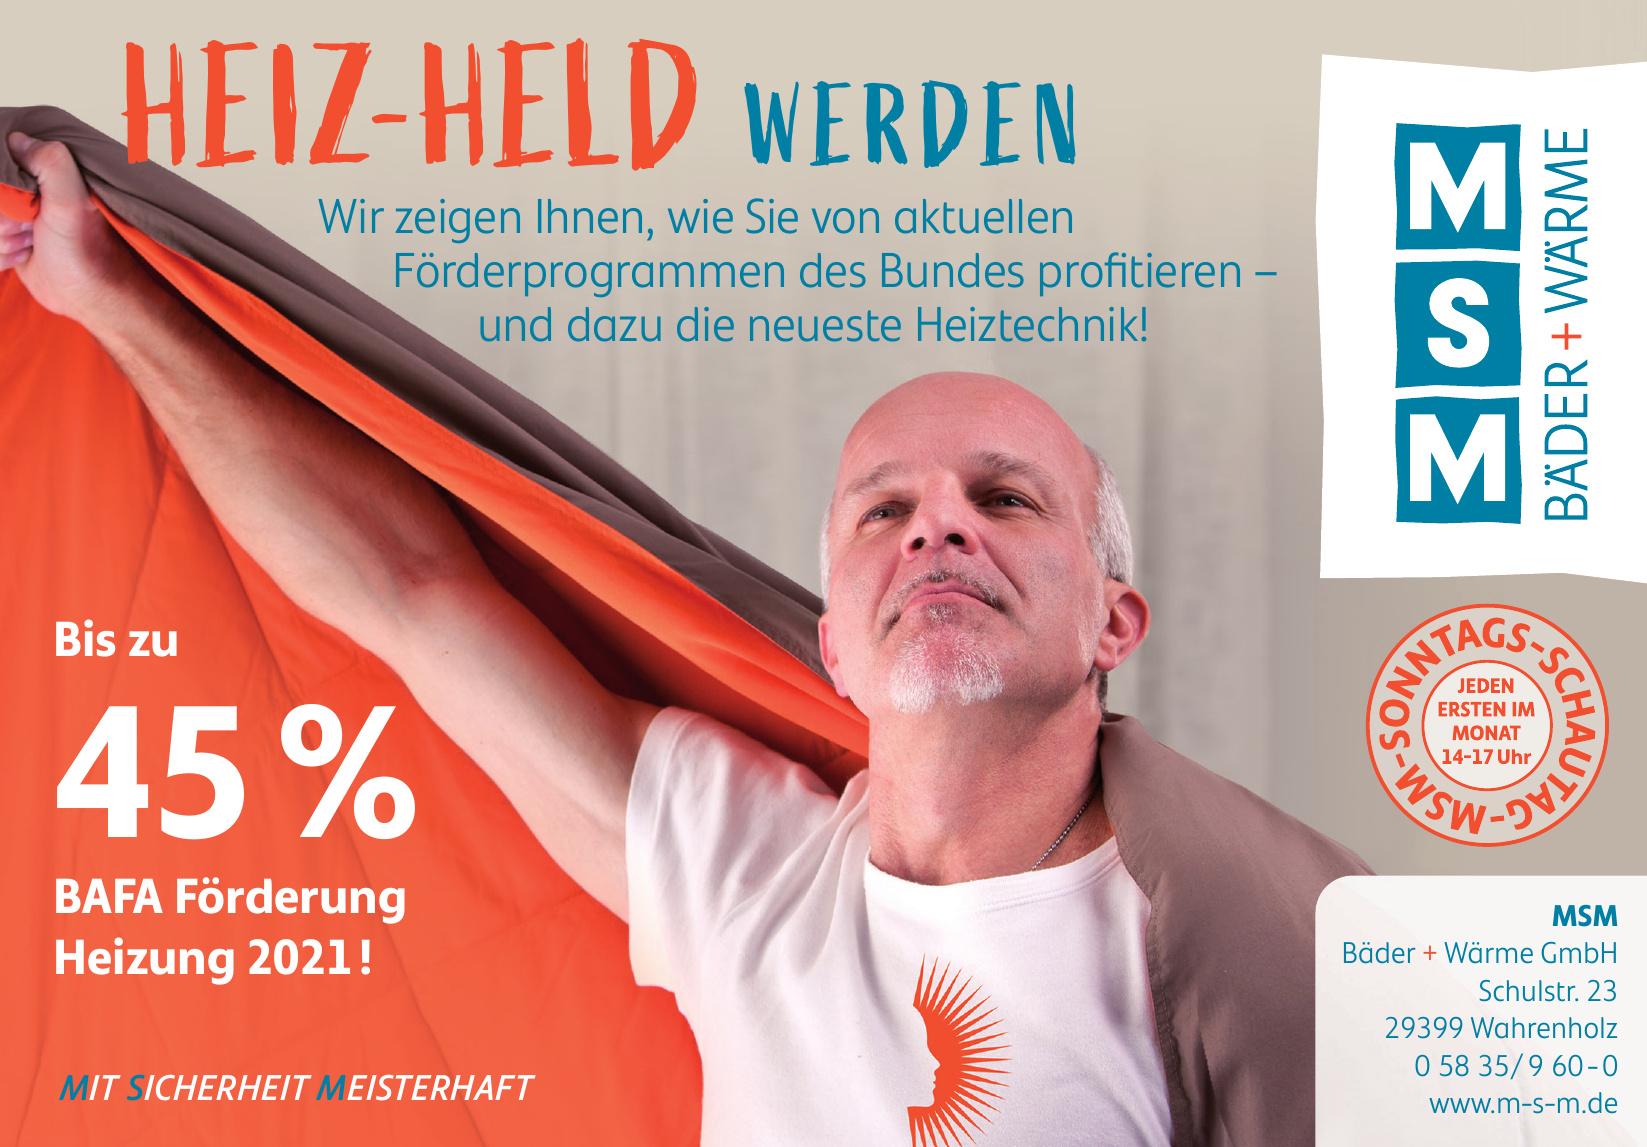 MSM Bäder + Wärmer GmbH